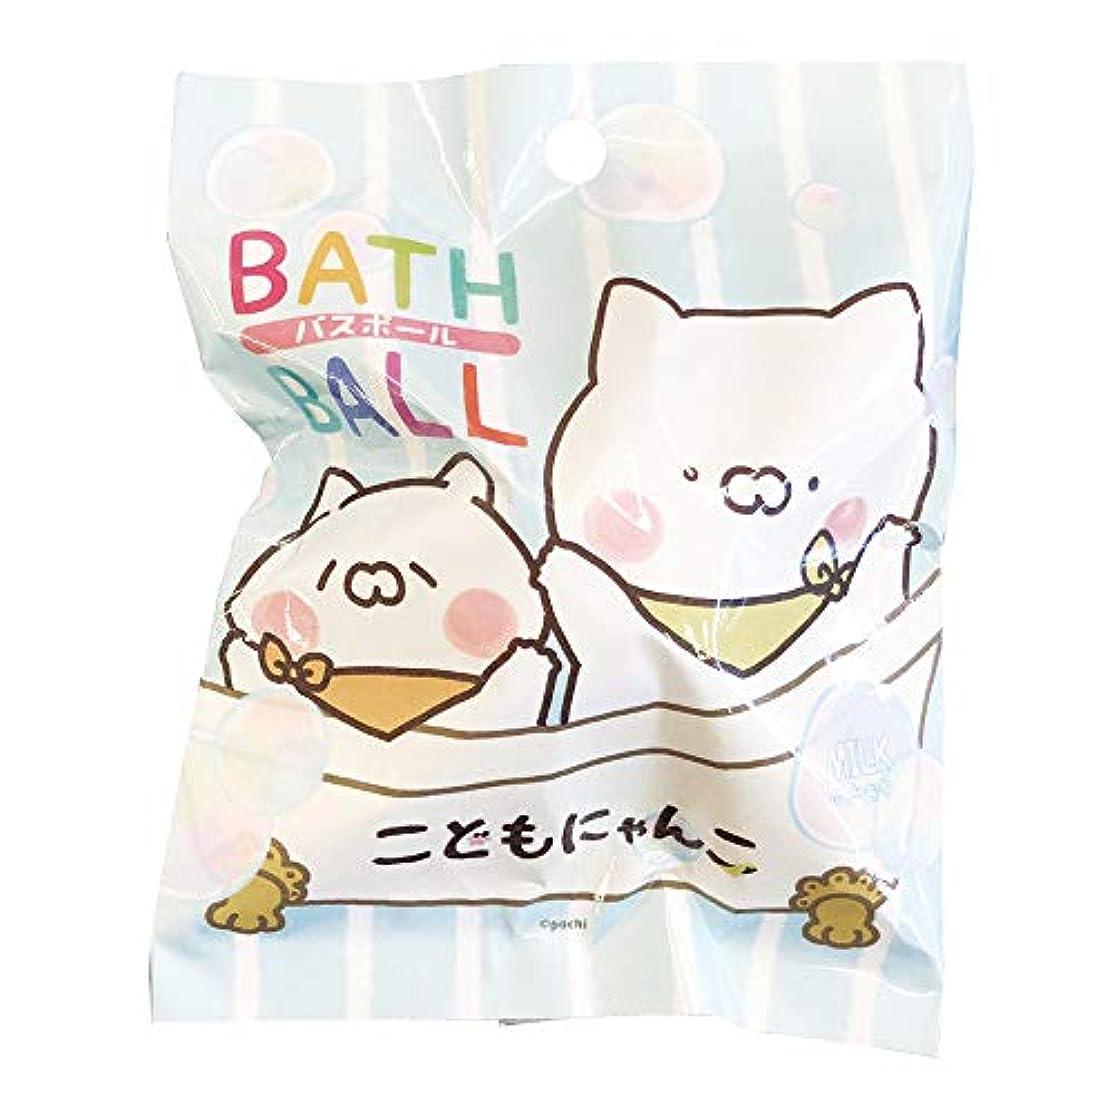 不倫層カイウスこどもにゃんこ 入浴剤 バスボール おまけ付き ミルクの香り 50g ABD-043-001